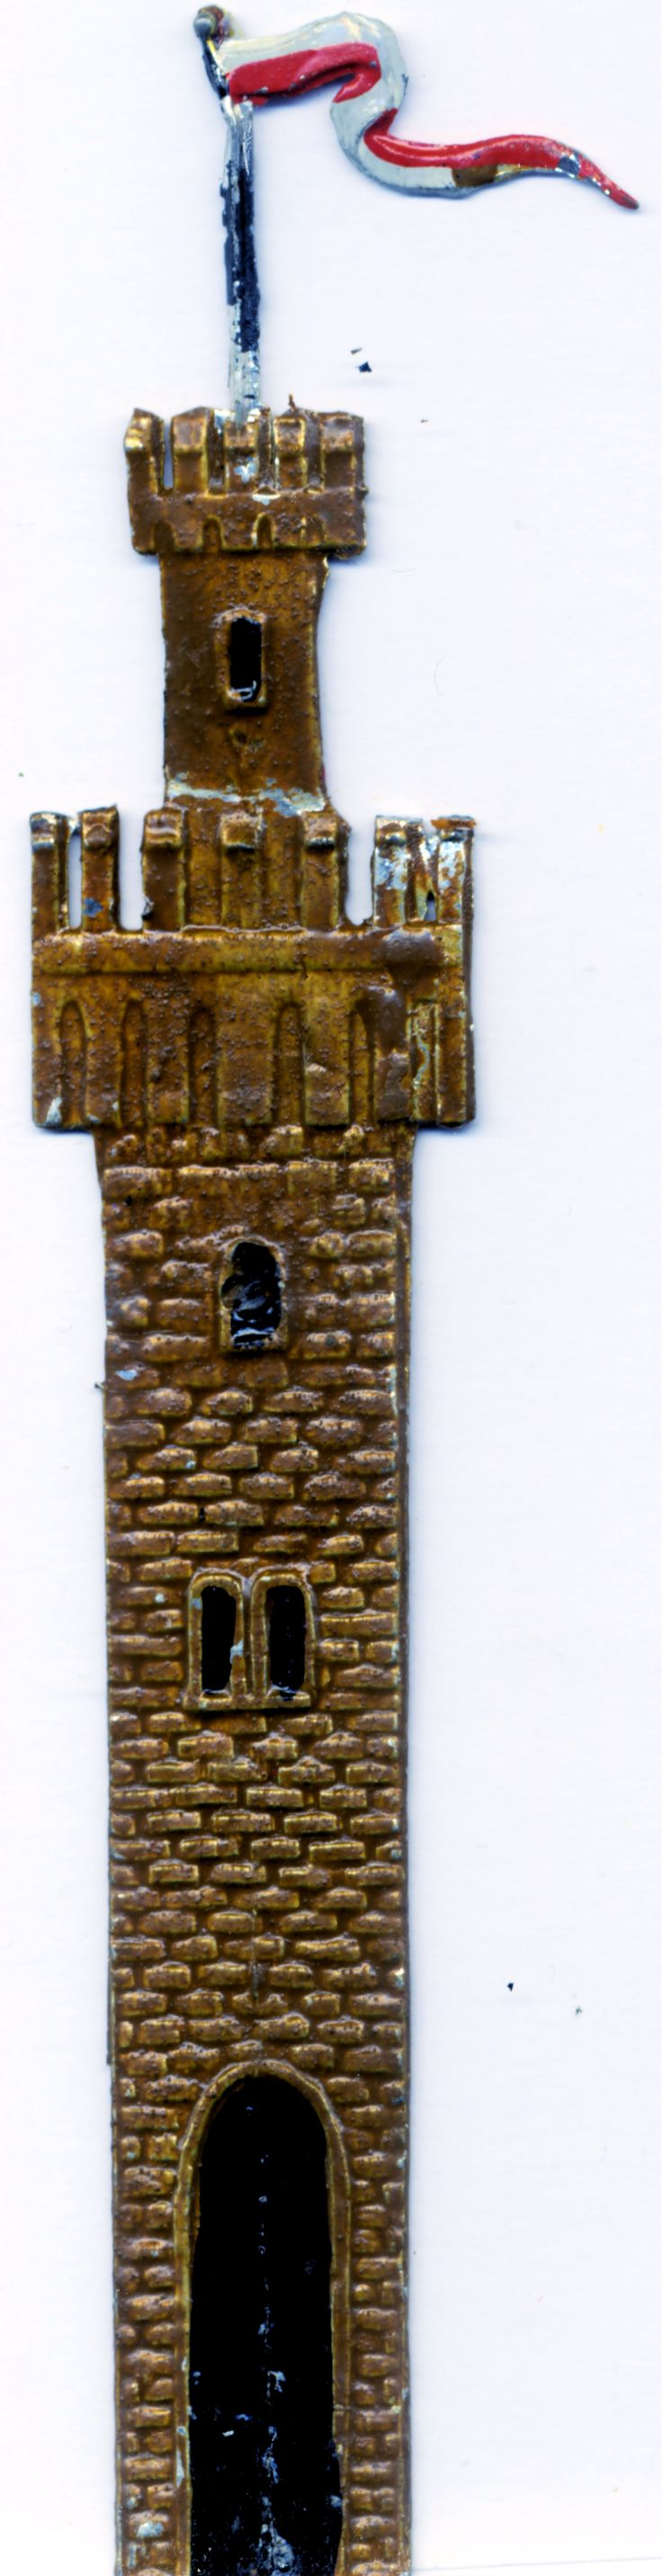 Spielzeug aus dem Jahre 1890.Schlossturm.Mittelalter. Kellerfund.